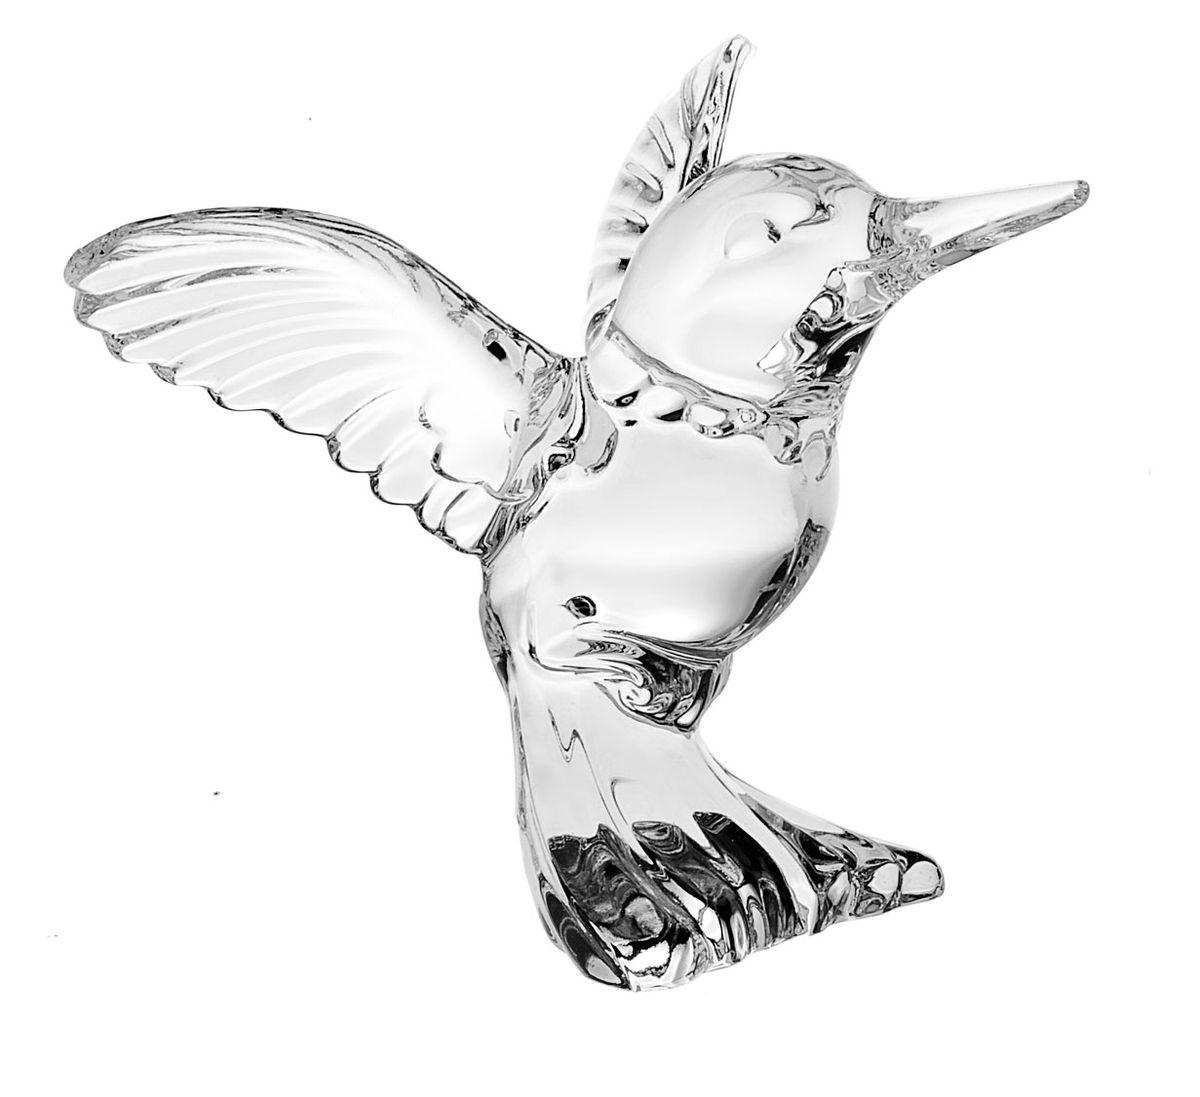 Фигурка декоративная Crystal Bohemia Колибри, высота 8 смNLED-420-1.5W-RДекоративная фигурка Crystal Bohemia Колибри изготовлена из хрусталя и выполнена в виде маленькой птицы колибри. Такая фигурка подойдет для декора интерьера дома или офиса. Вы можете поставить фигурку в любом месте, где она будет удачно смотреться и радовать глаз. Кроме того - это отличный вариант подарка для ваших близких и друзей. Размер фигурки (ДхШхВ): 11,5 см х 9,5 см х 8 см.